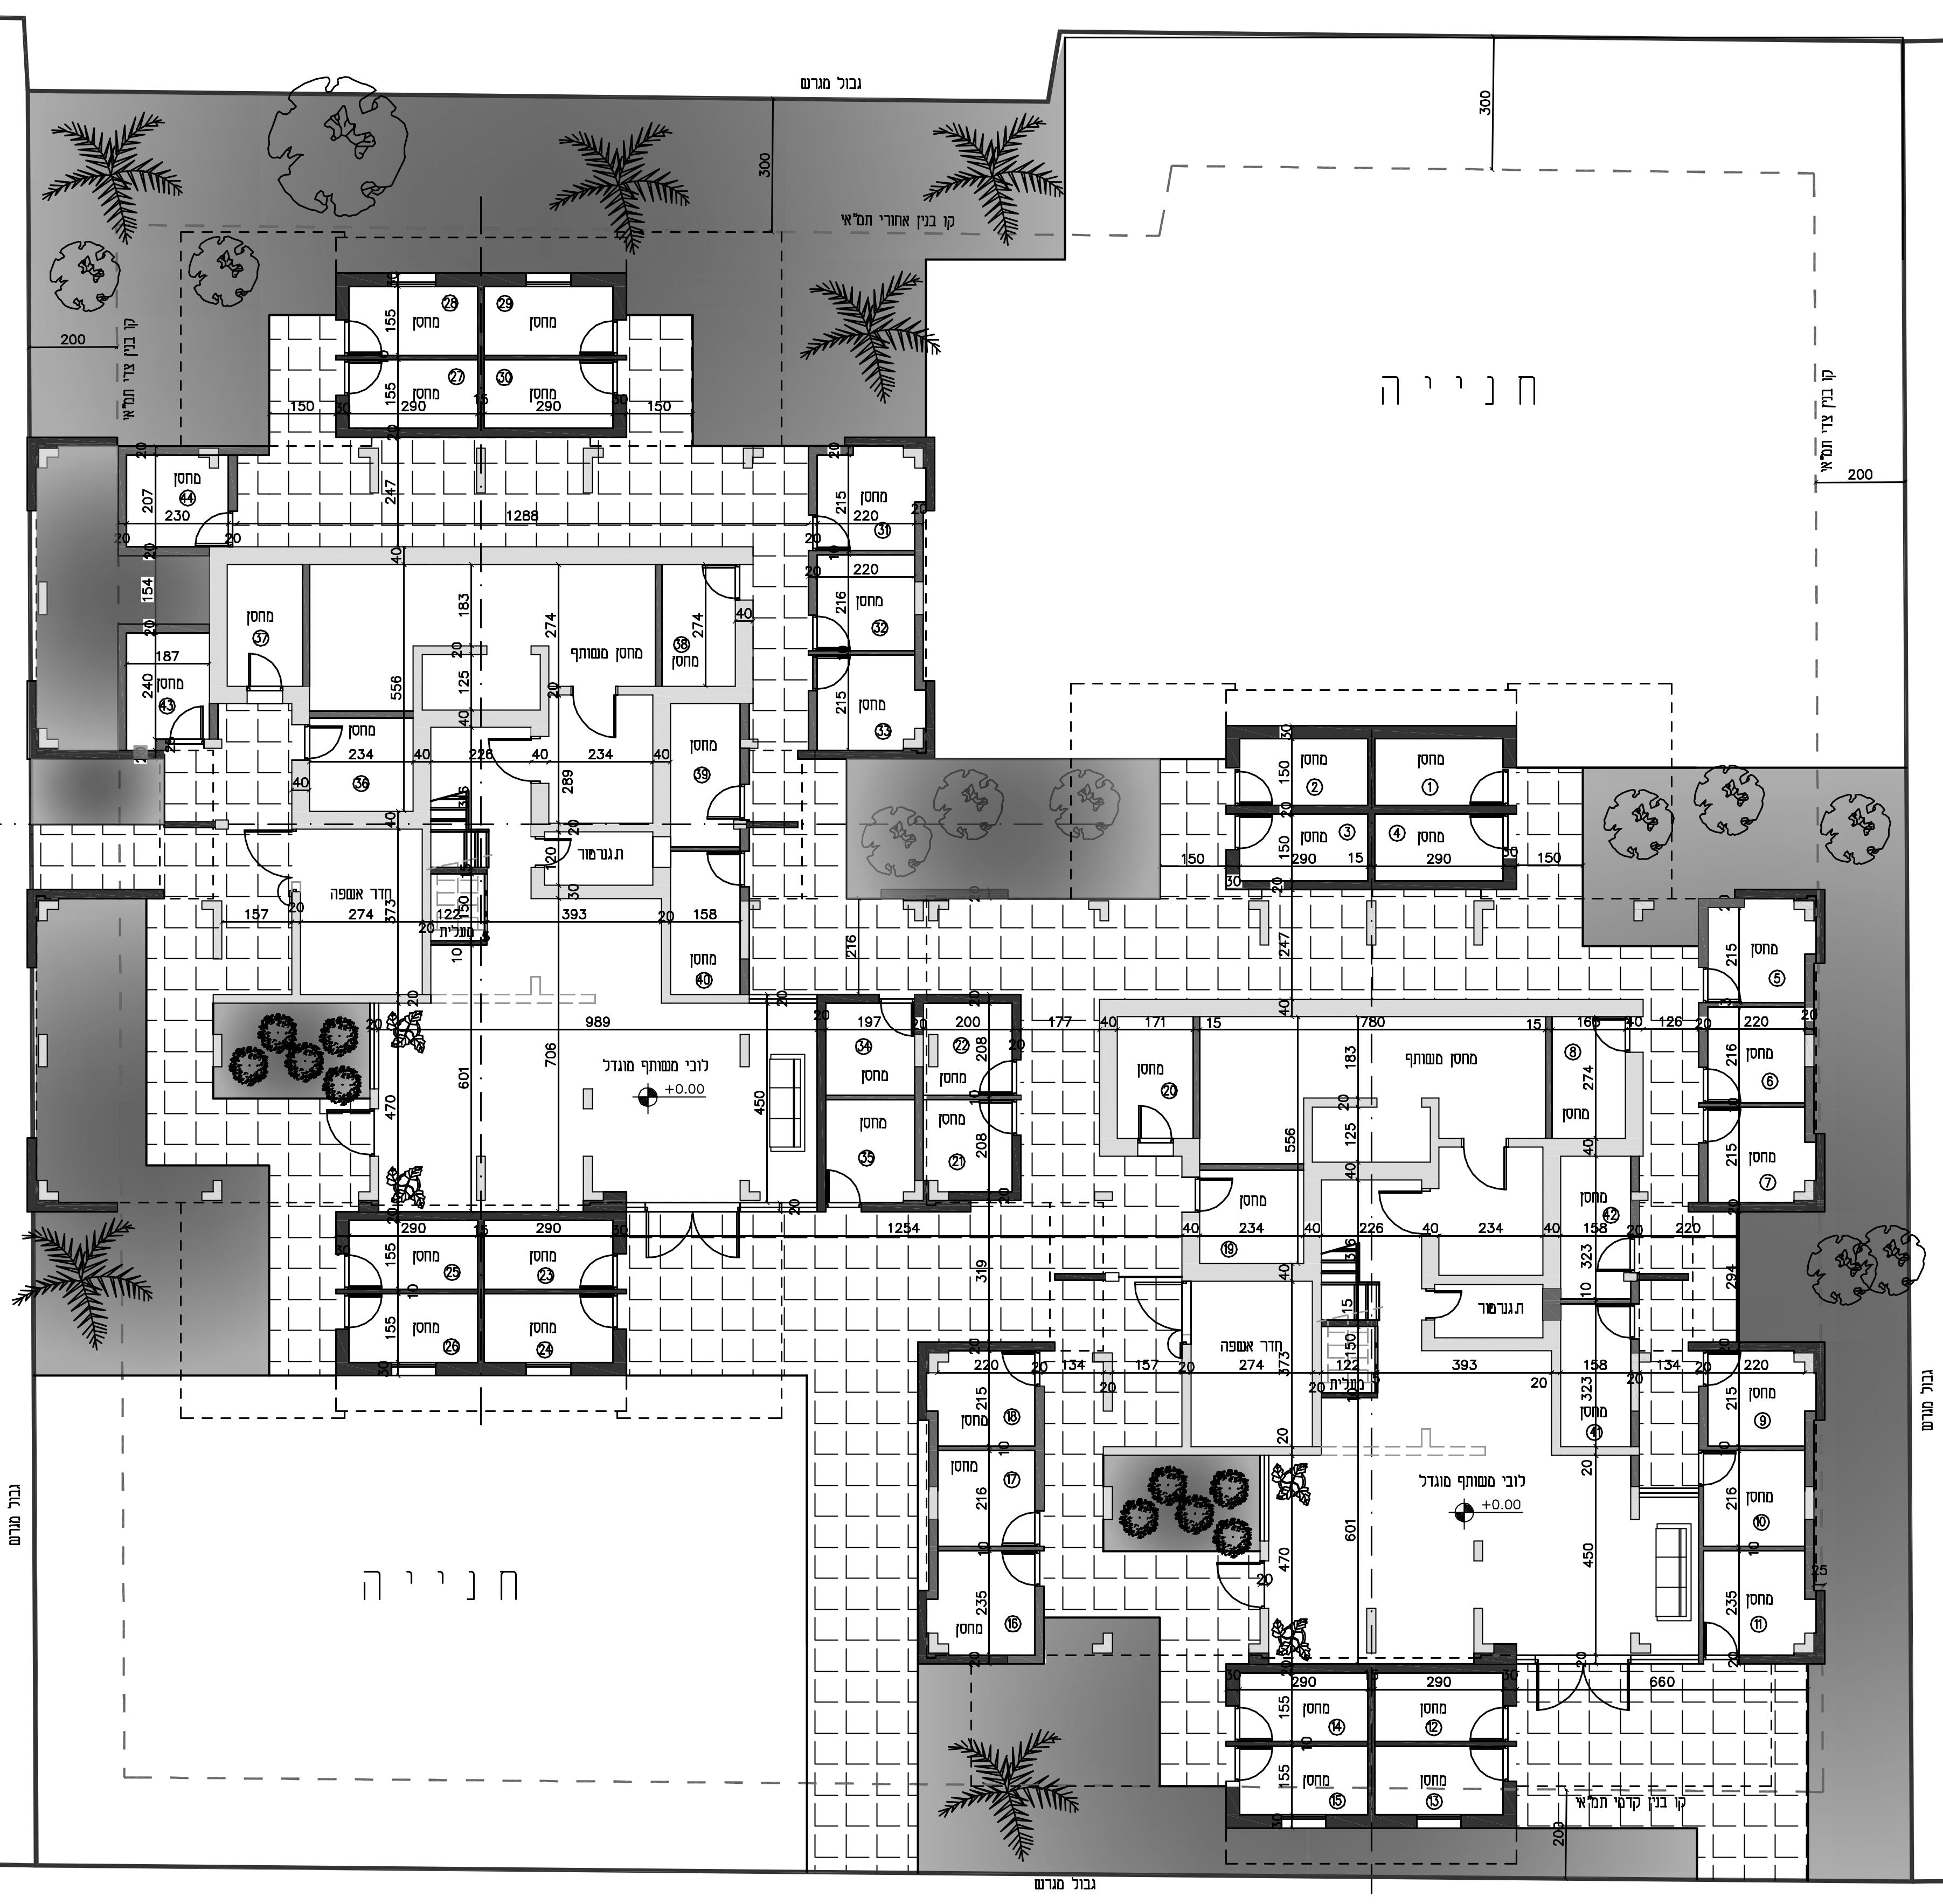 הרצליה - עזרא הסופר 9-11 - קומת קרקע